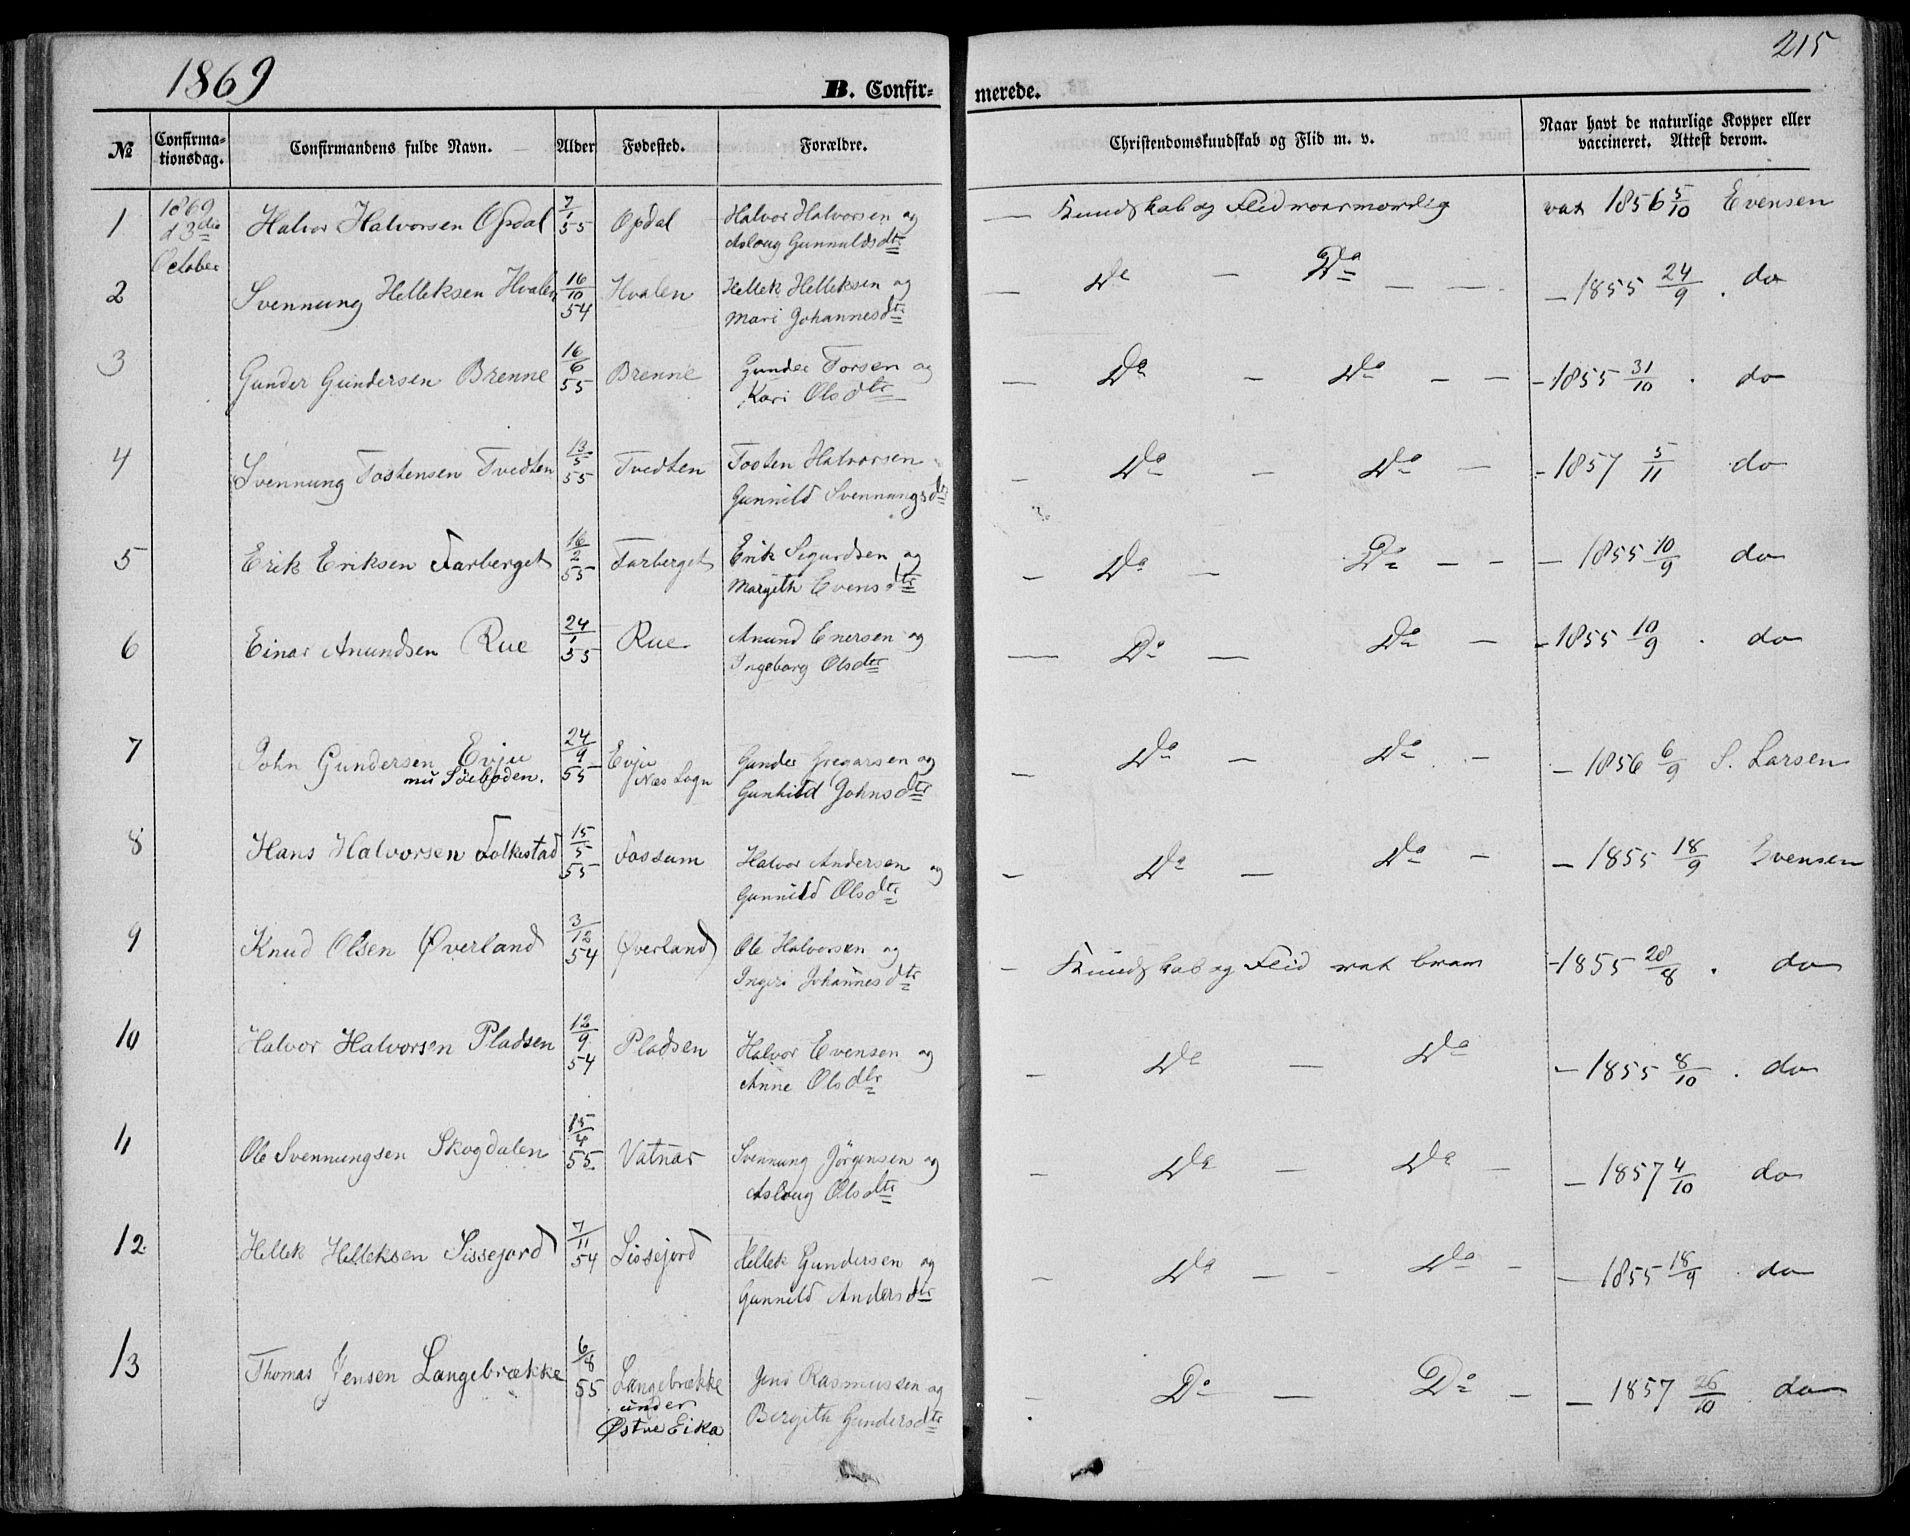 SAKO, Bø kirkebøker, F/Fa/L0009: Ministerialbok nr. 9, 1862-1879, s. 215